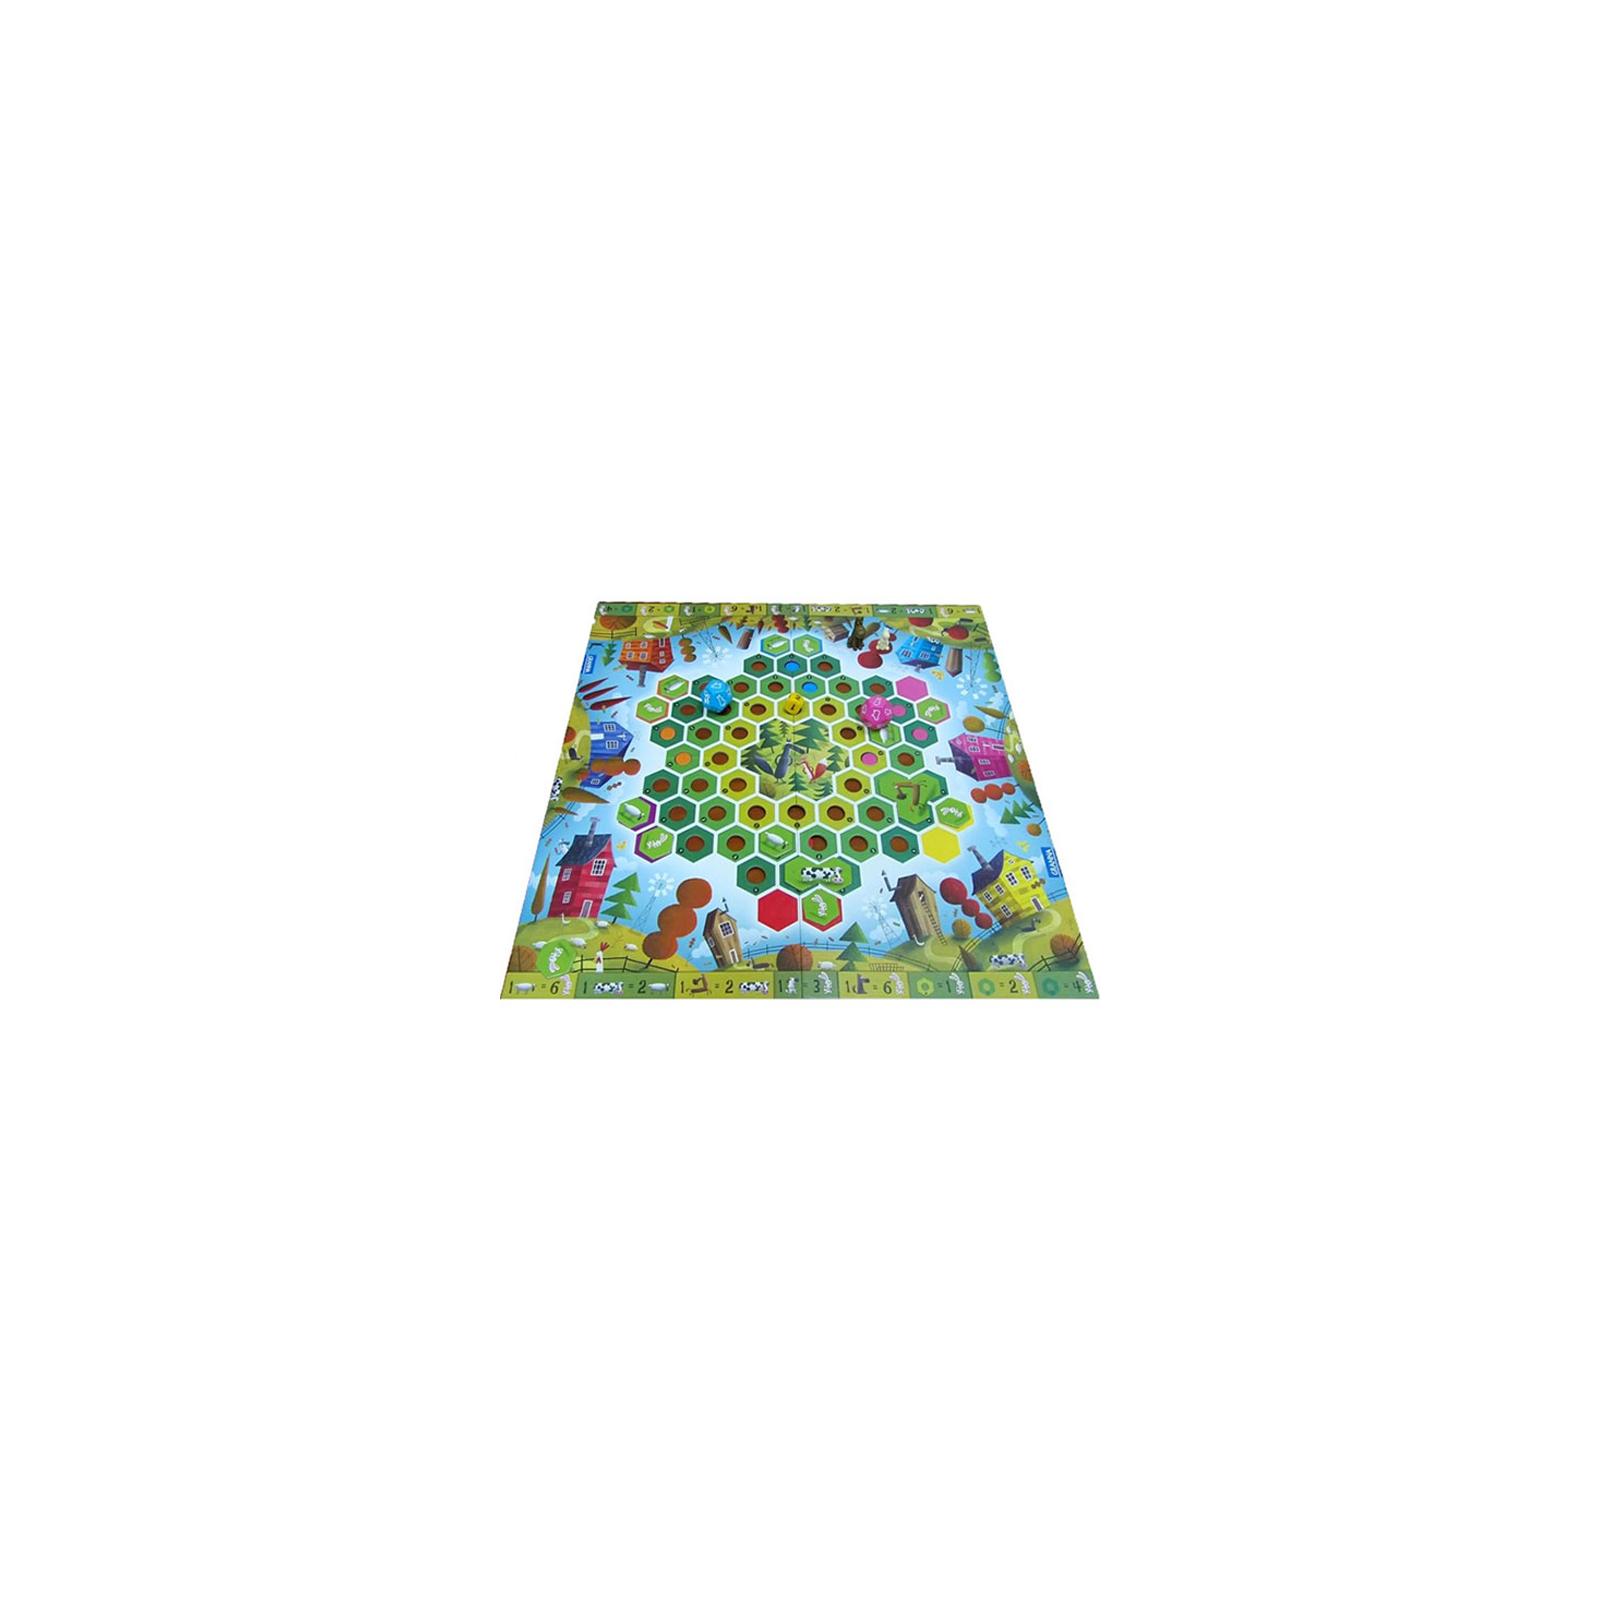 Настольная игра Granna Ранчо (81411) изображение 2